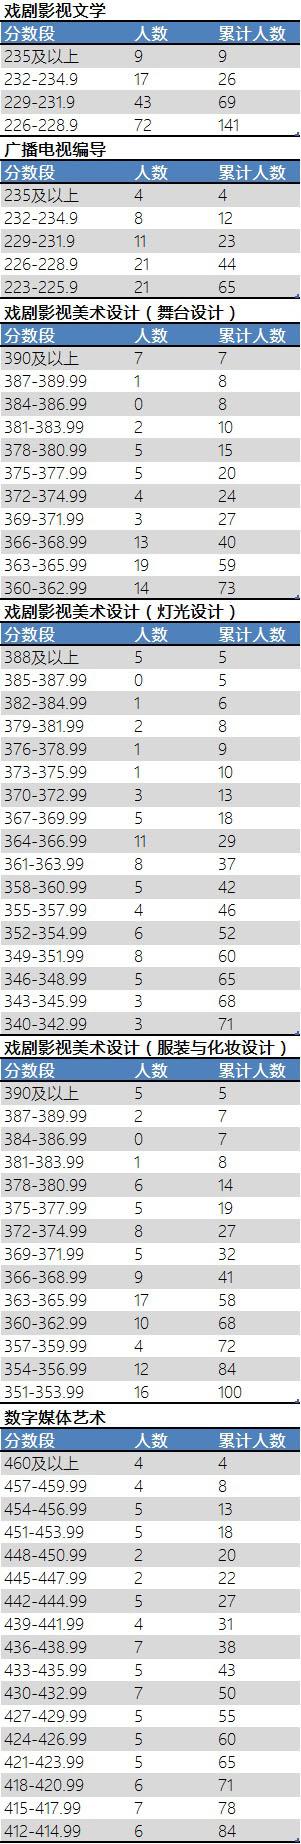 2017年上海戏剧学院部分校考专业合格分数段统计.jpg